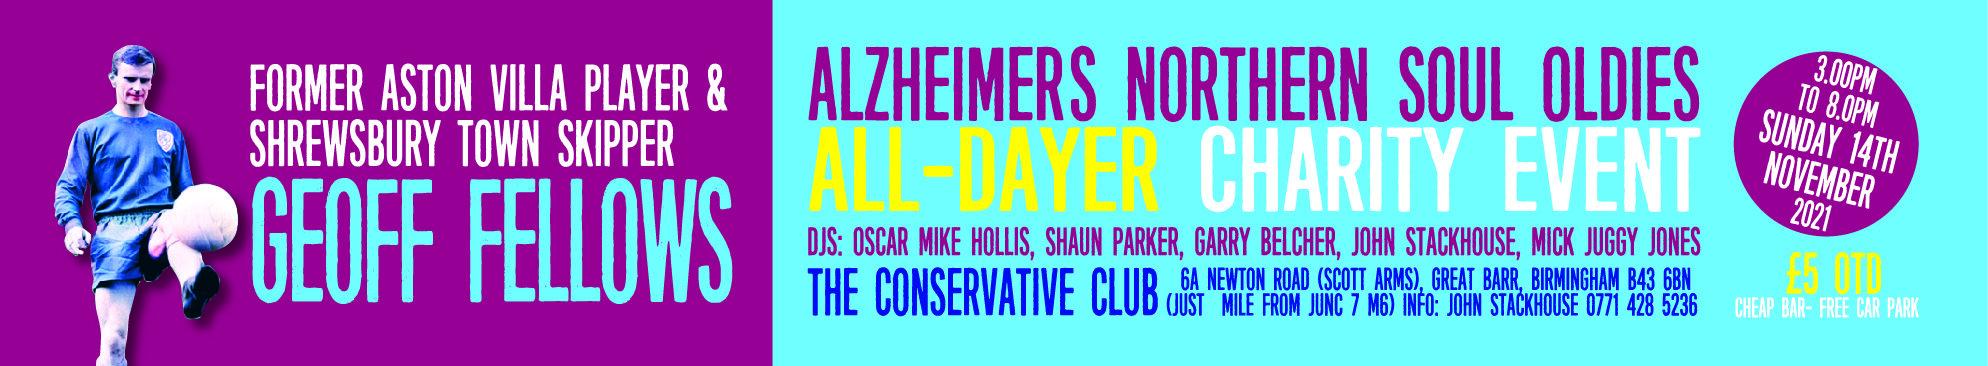 Former Soccer Star Geoff Felows Alzheimers Charity Gig flyer